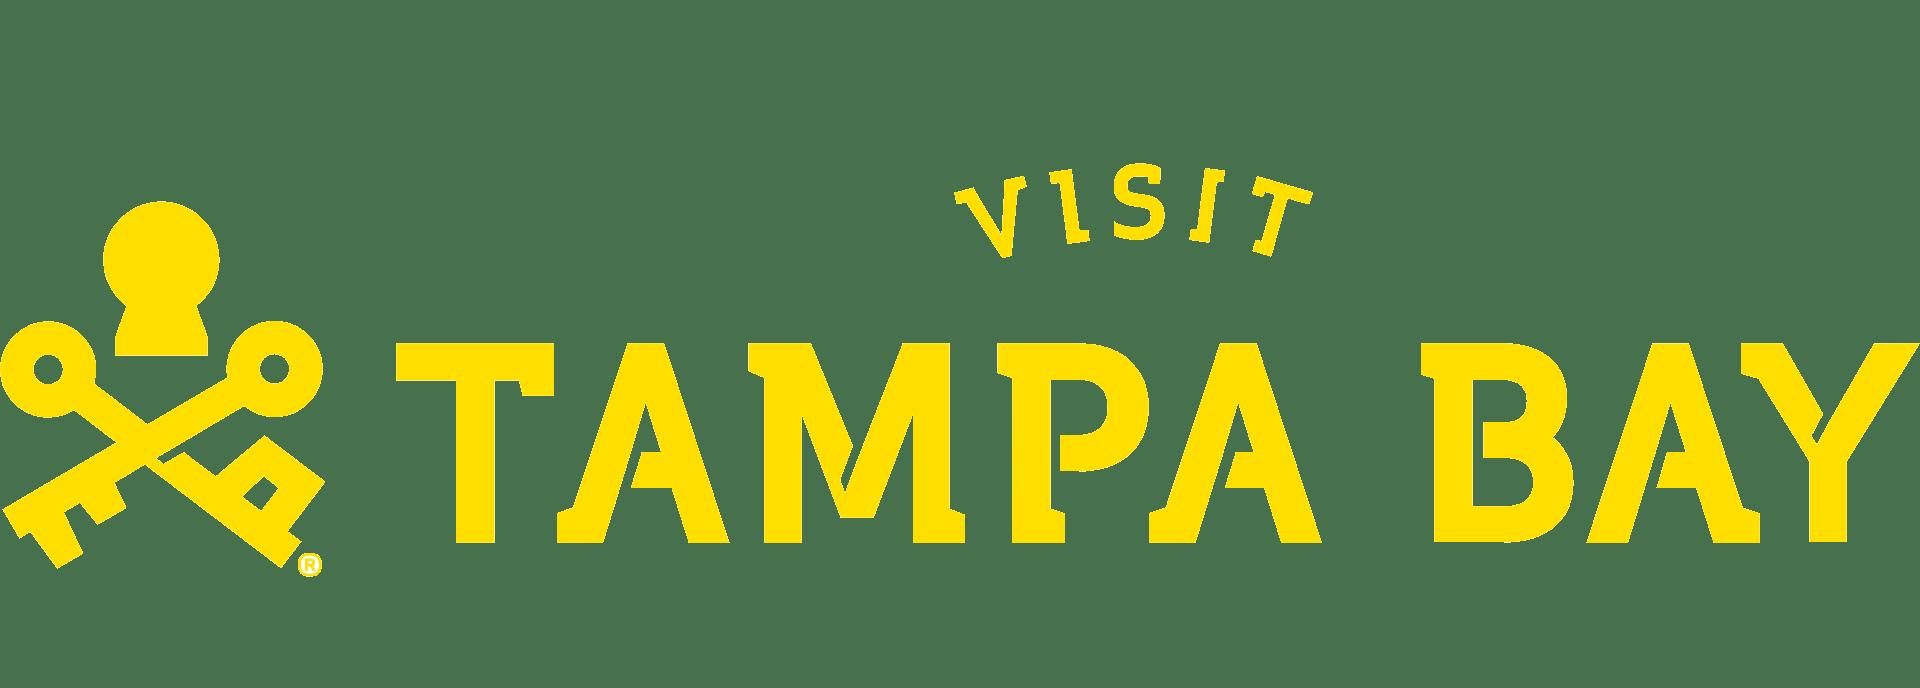 visit-tampa-bay